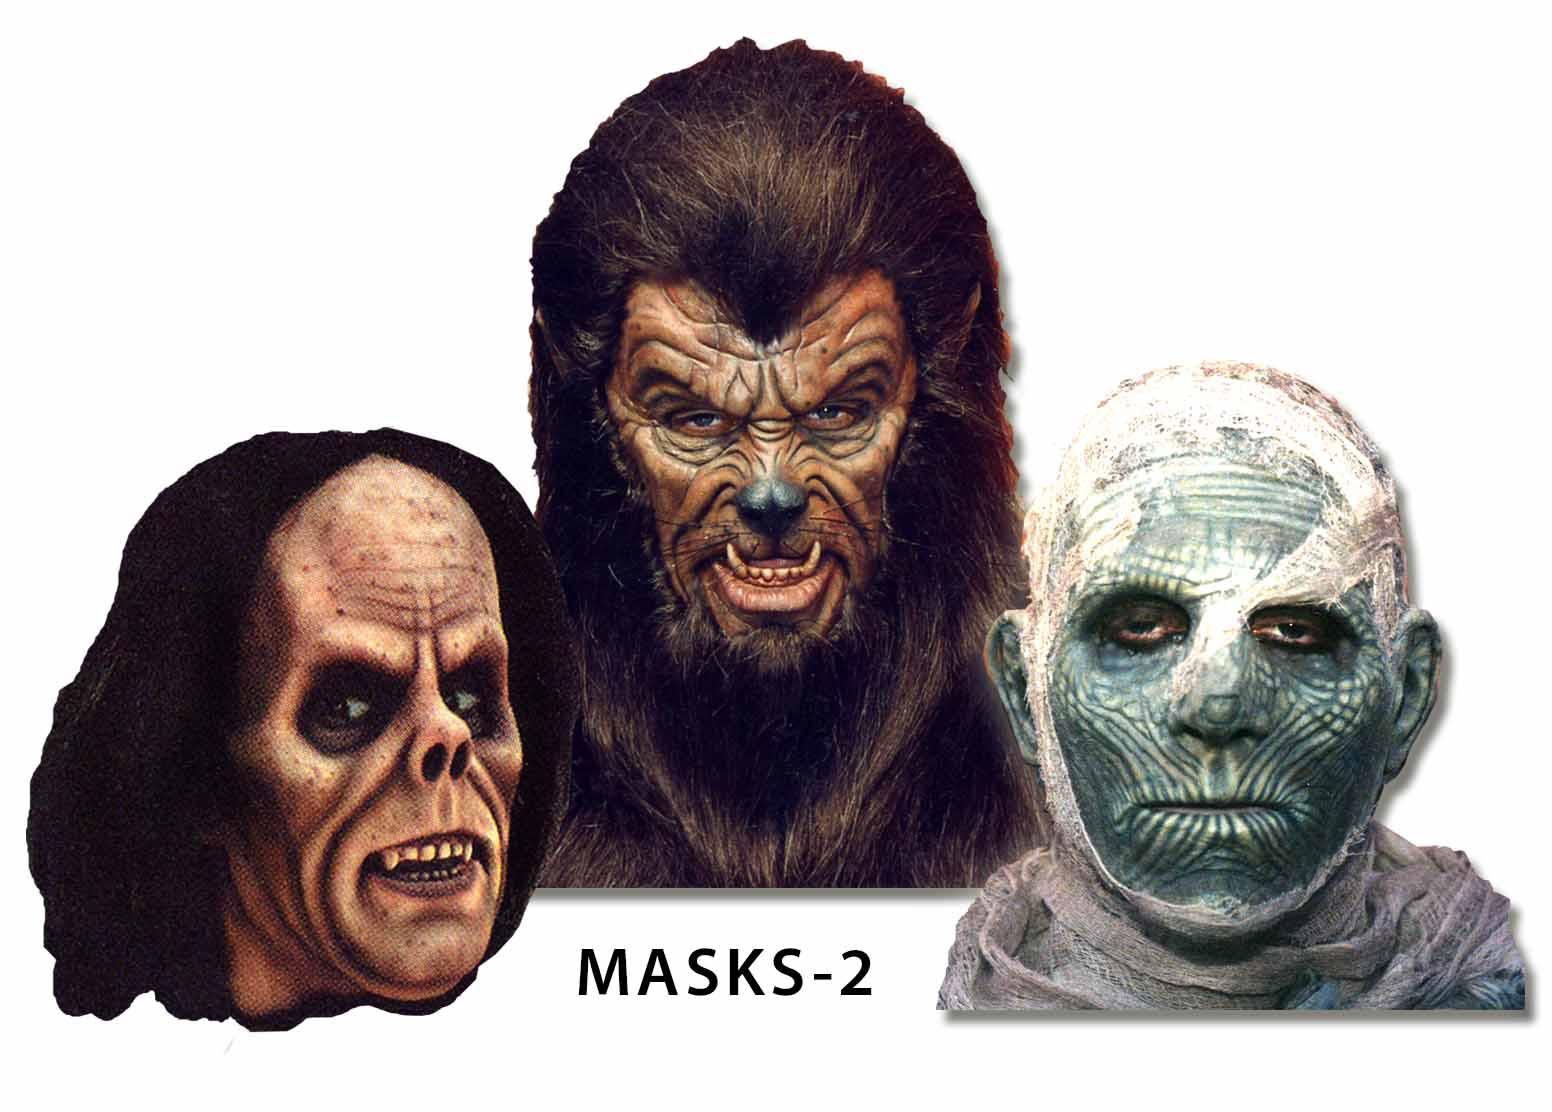 https://0201.nccdn.net/1_2/000/000/08e/8ac/SpEfx_Masks_web_2.jpg